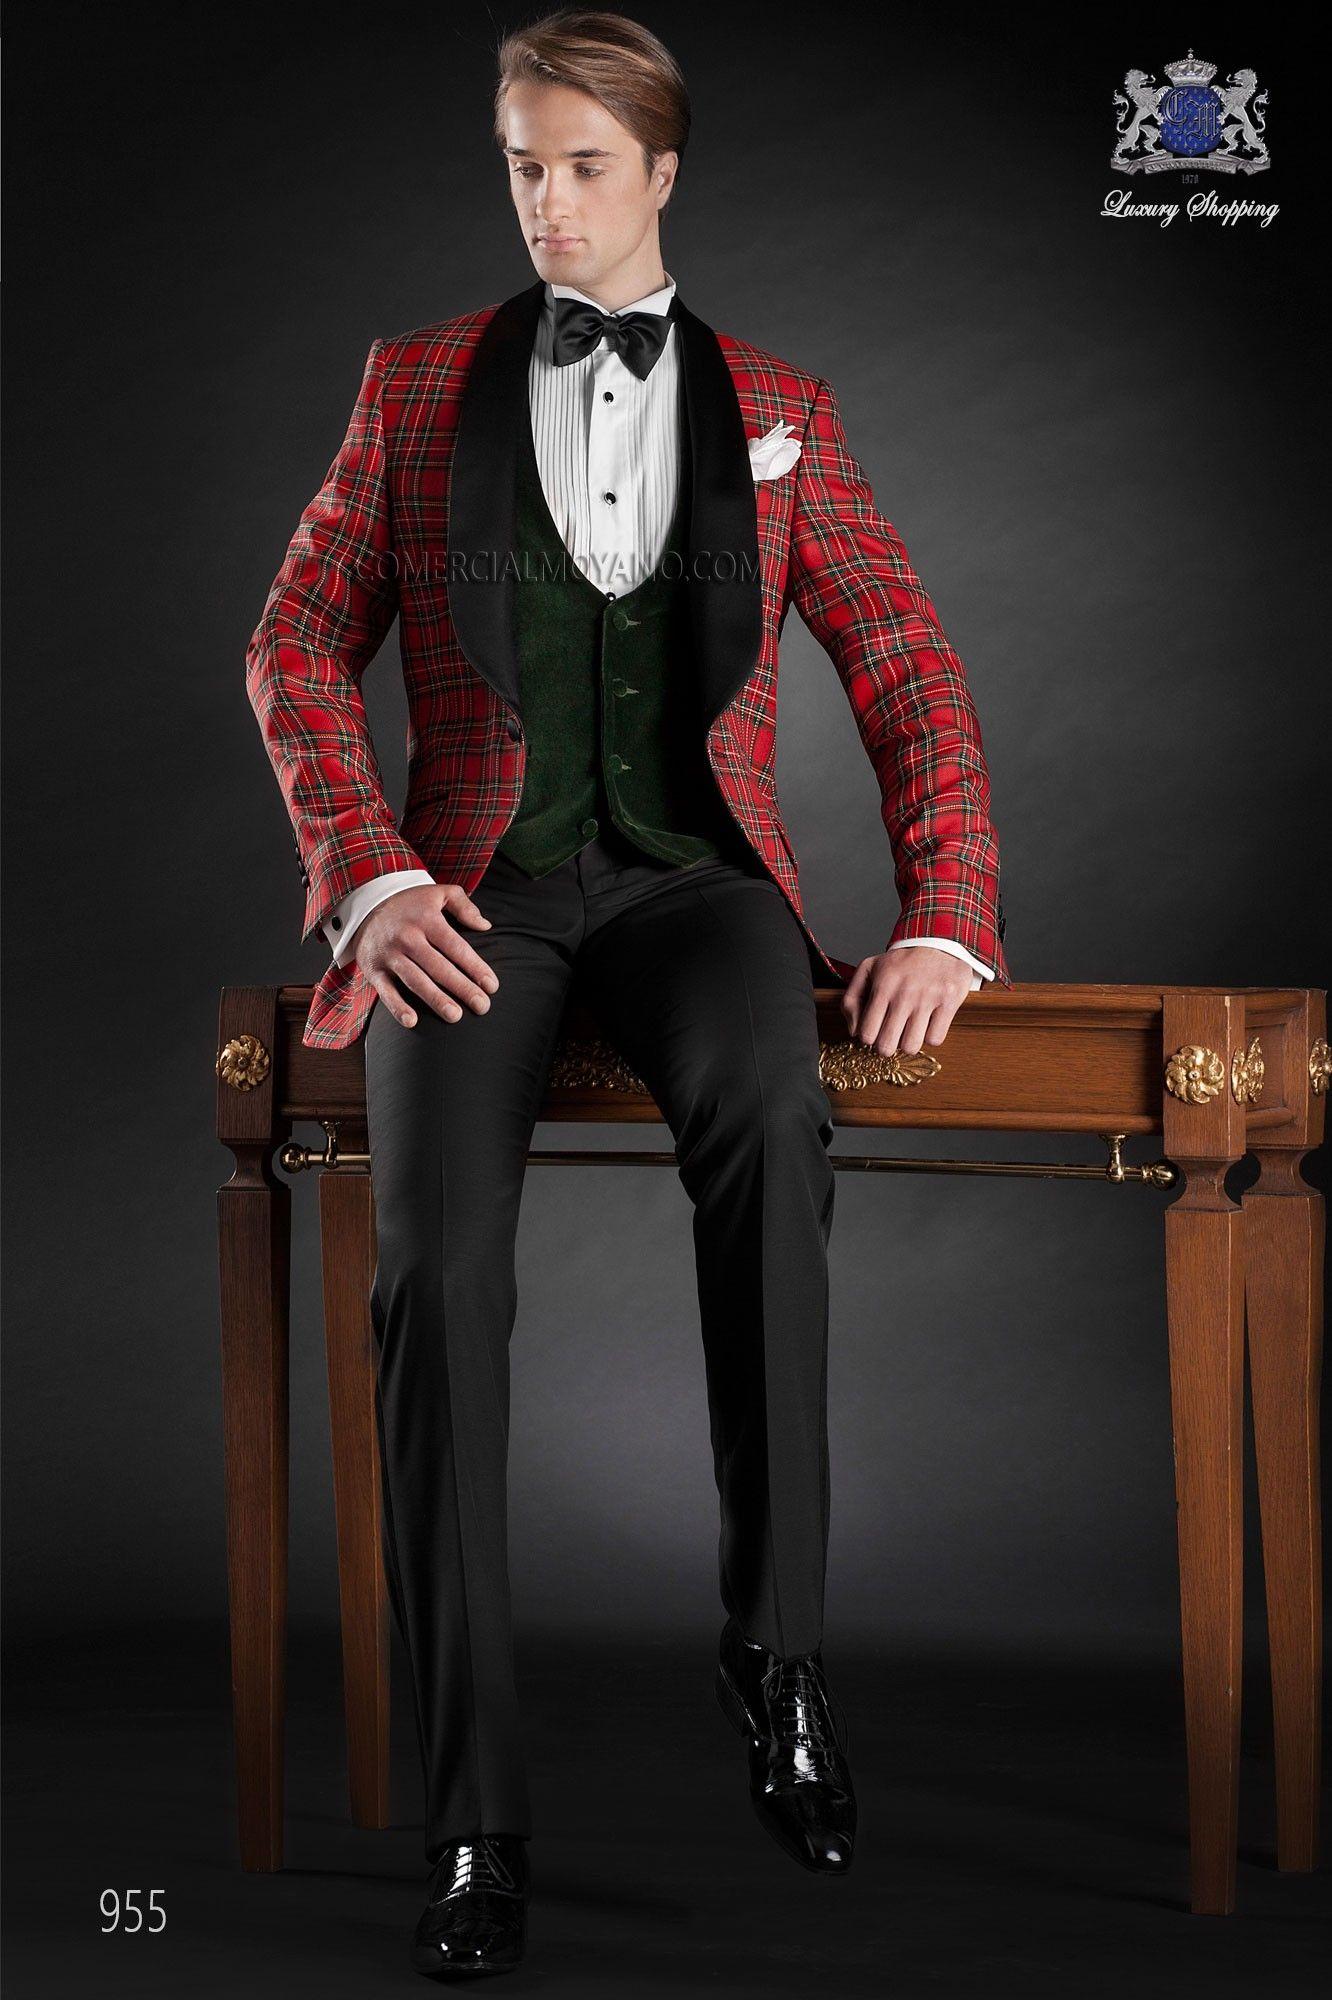 Traje italiano, chaqueta tartan rojo 100% lana con solapa chal raso negro y un boton; coordinado con pantalon negro, modelo 955 Ottavio Nuccio Gala colección Black Tie 2015.